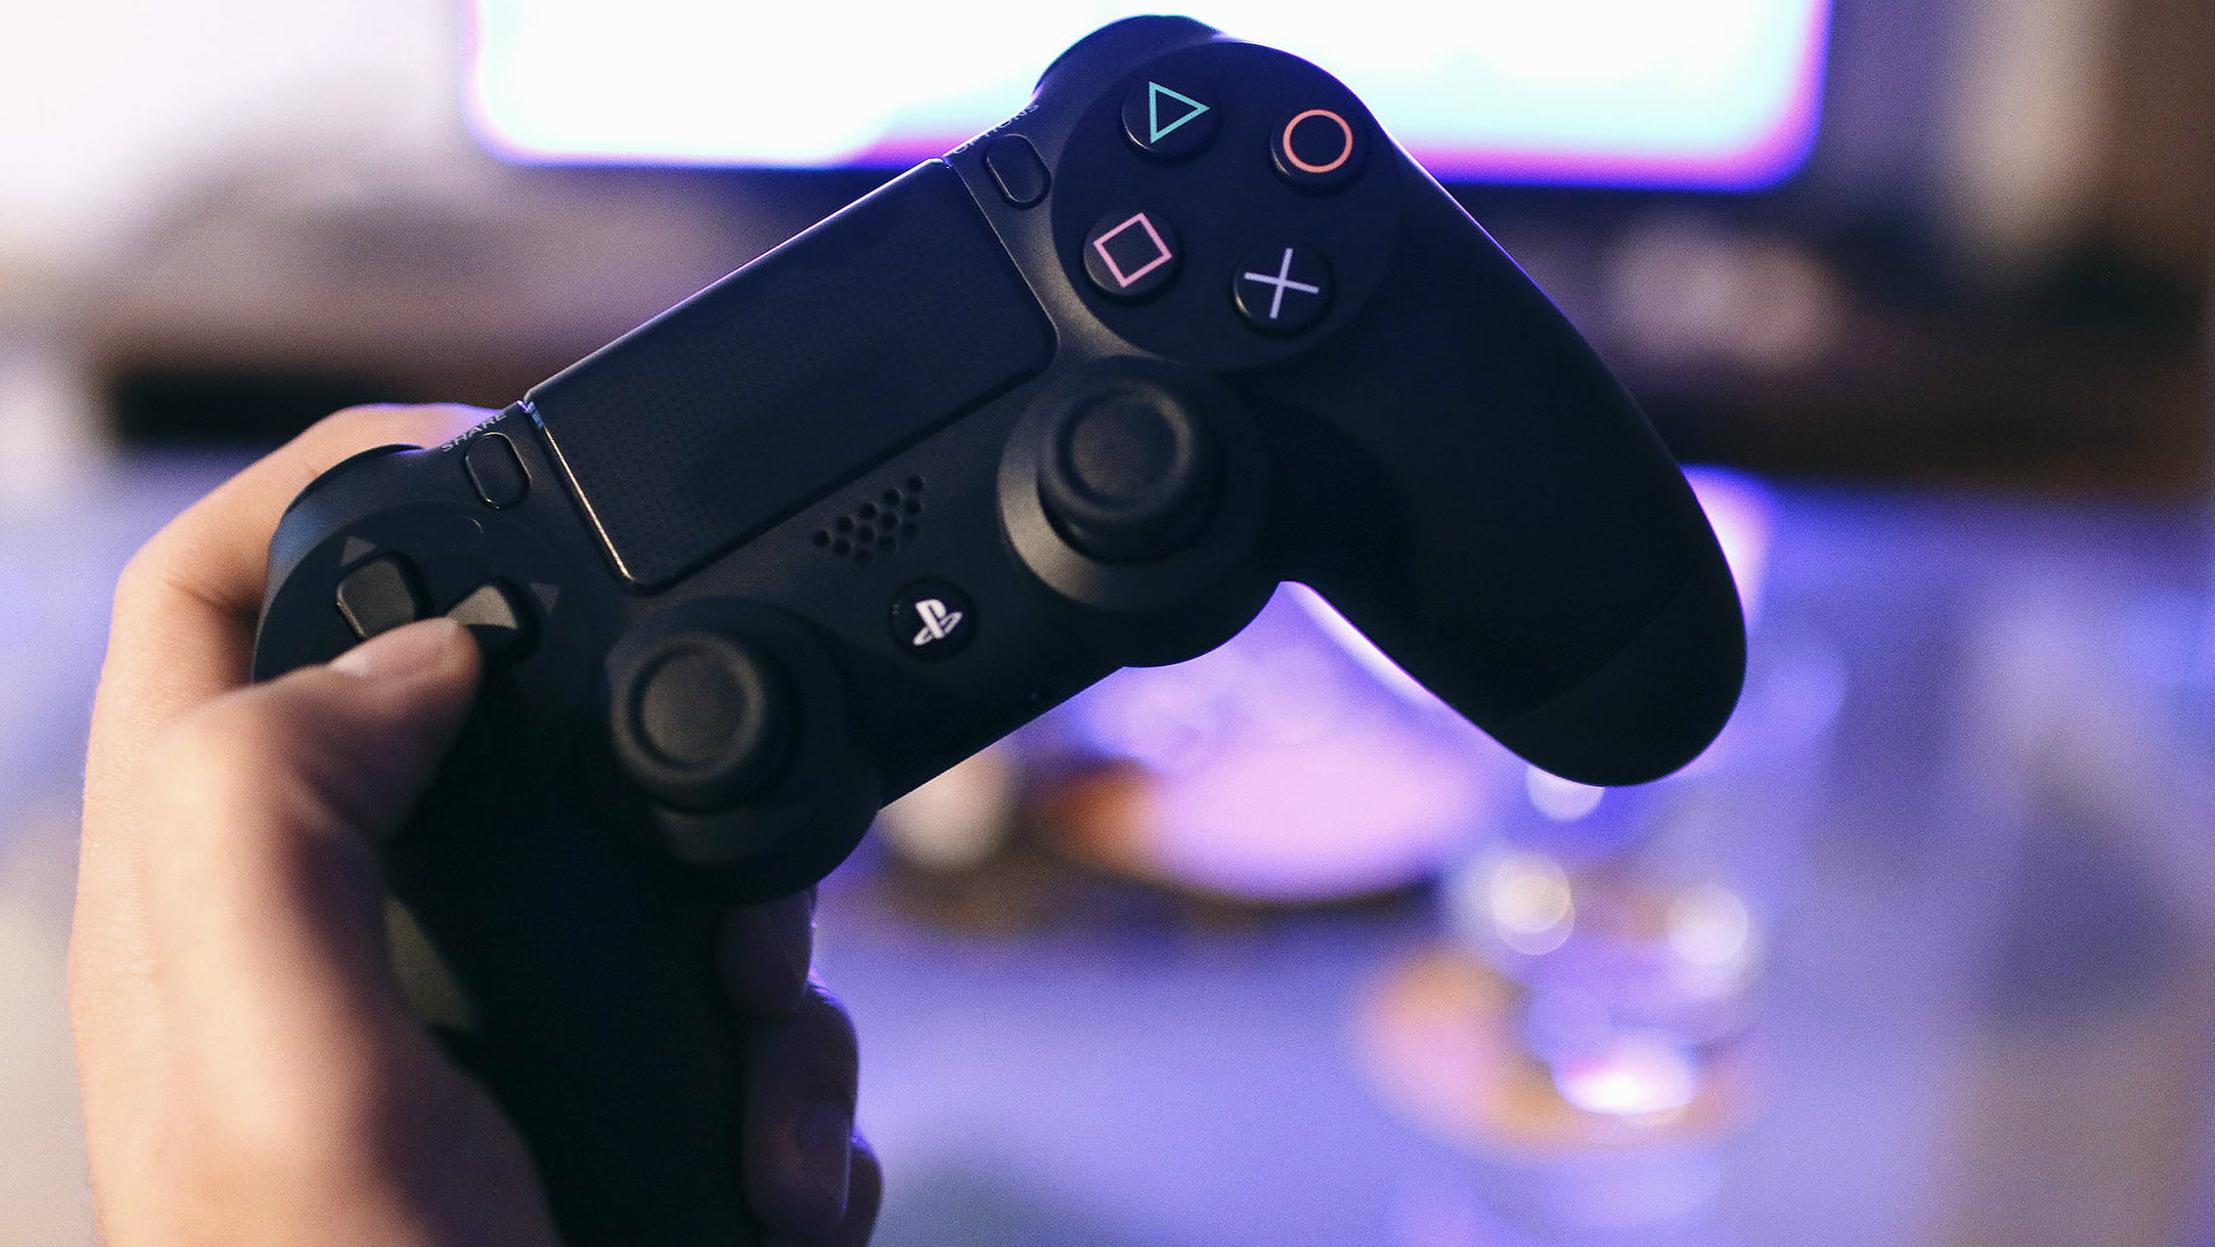 Il Dualshock 4 è il controller con il maggior profitto negli USA